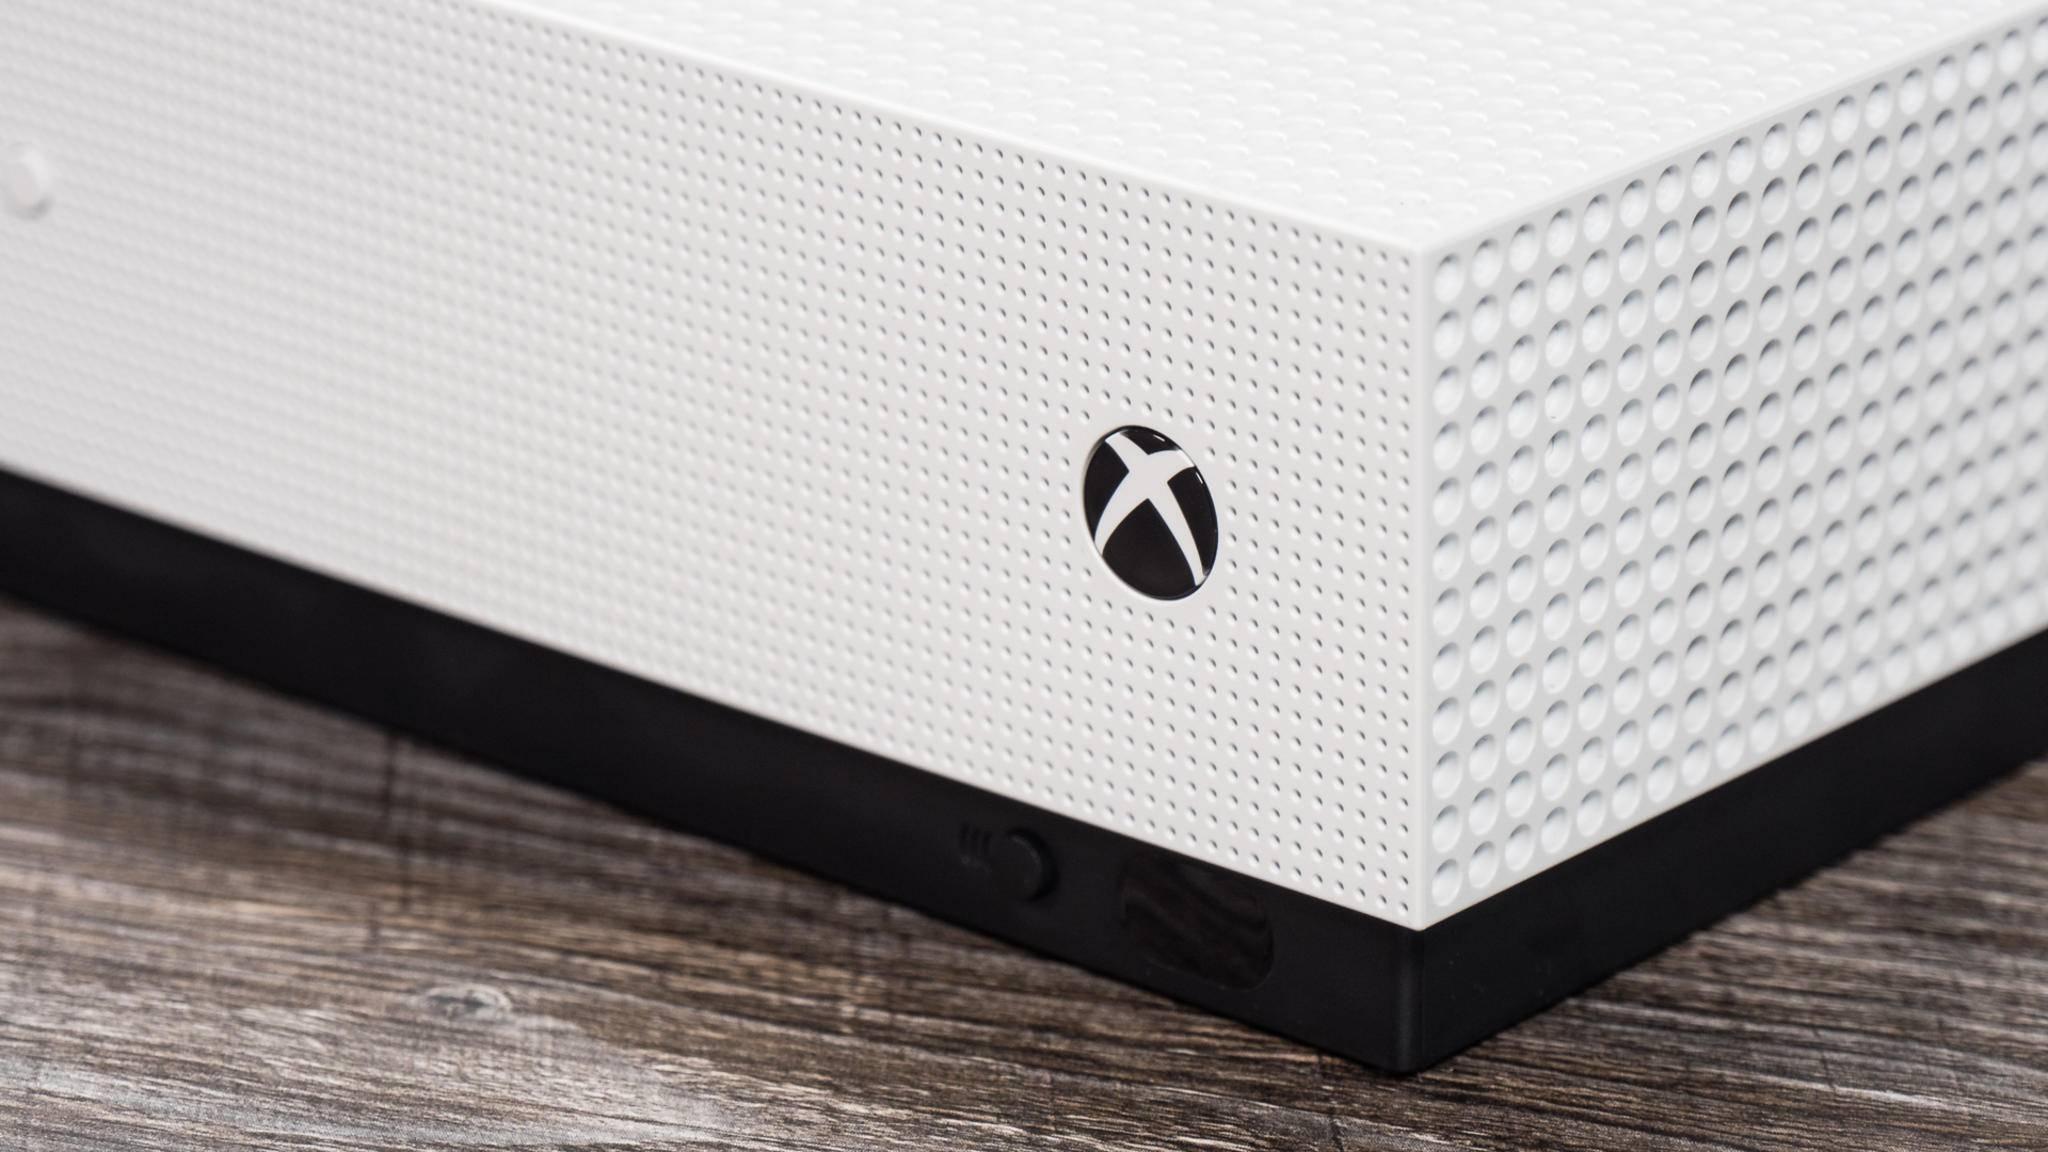 Die Xbox One erhält einen Shuffle-Button für Spiele.